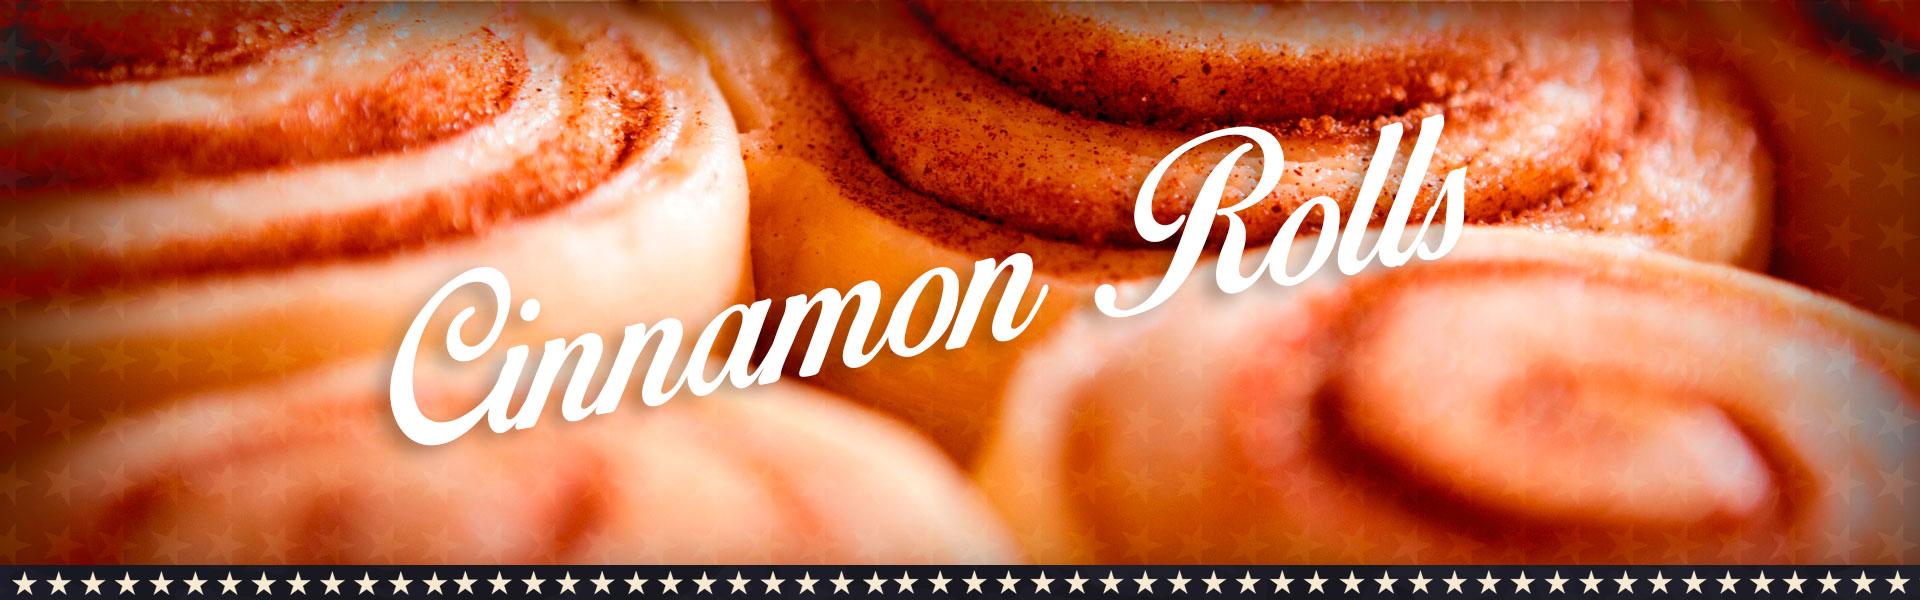 Header_cinnamon